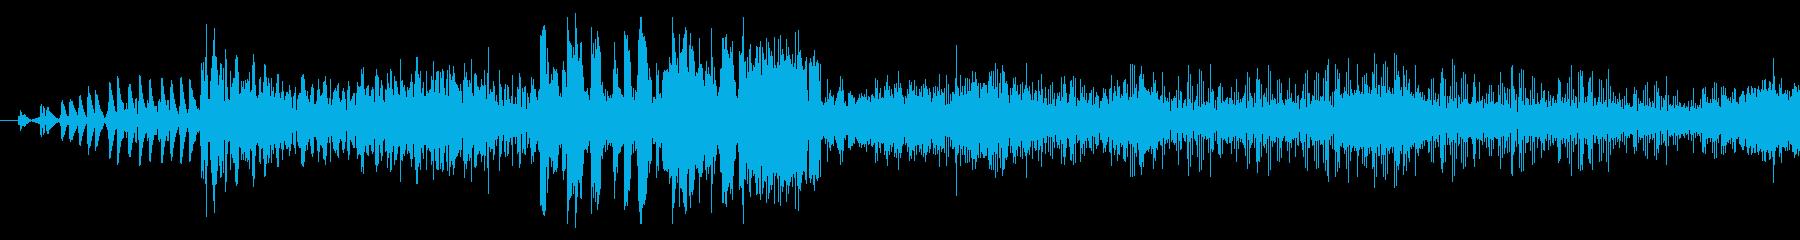 脳波遷移の再生済みの波形